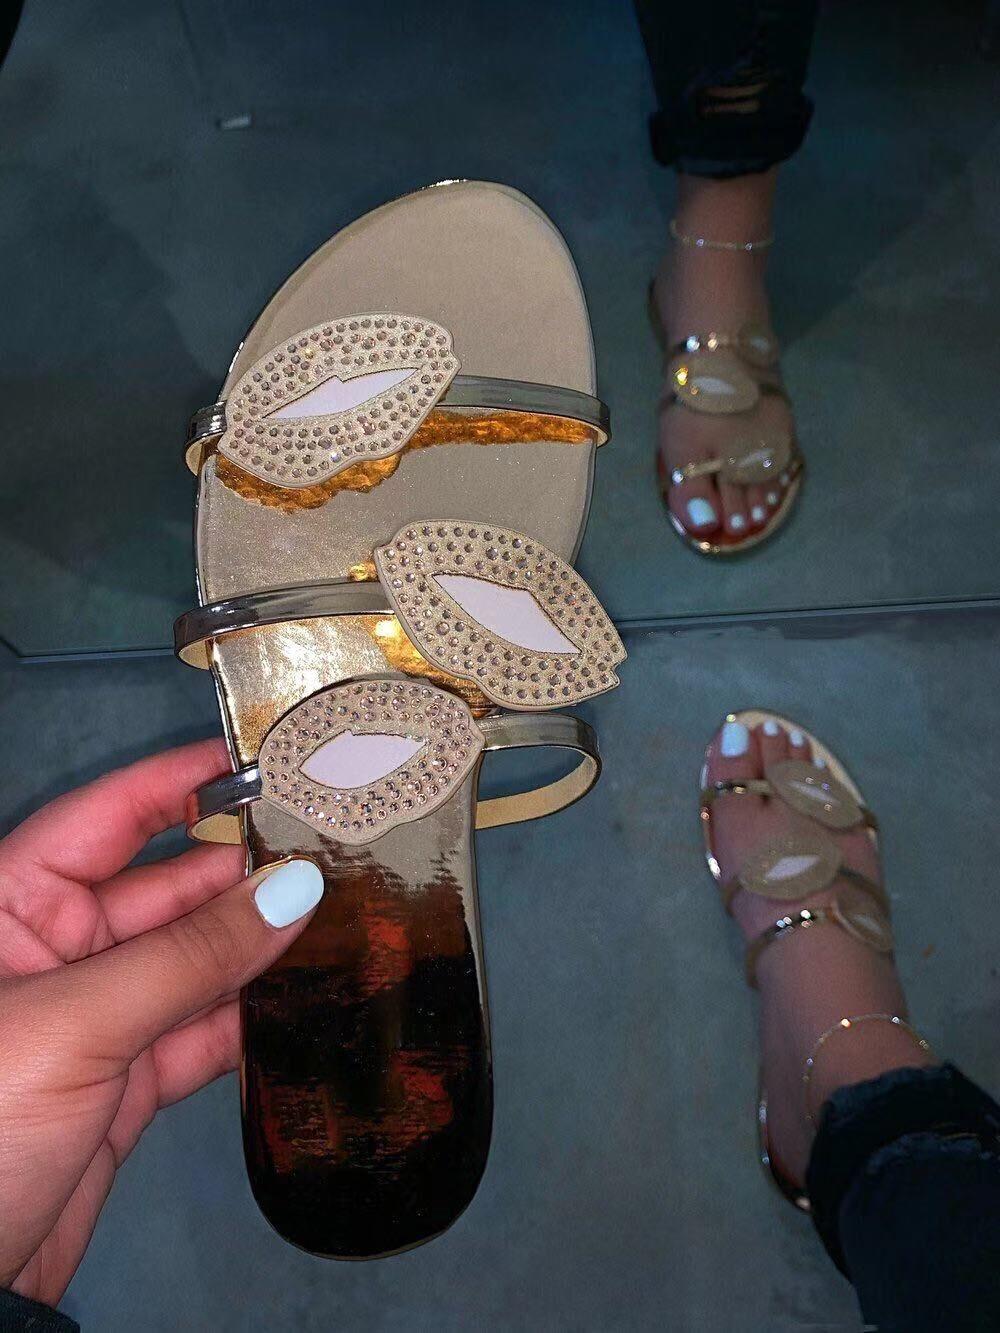 ¡Venta directa de fábrica 2020! ¡Nuevo! Zapatillas de clip dedos de diamantes con Destello labial cómodas y versátiles de gran tamaño al por mayor